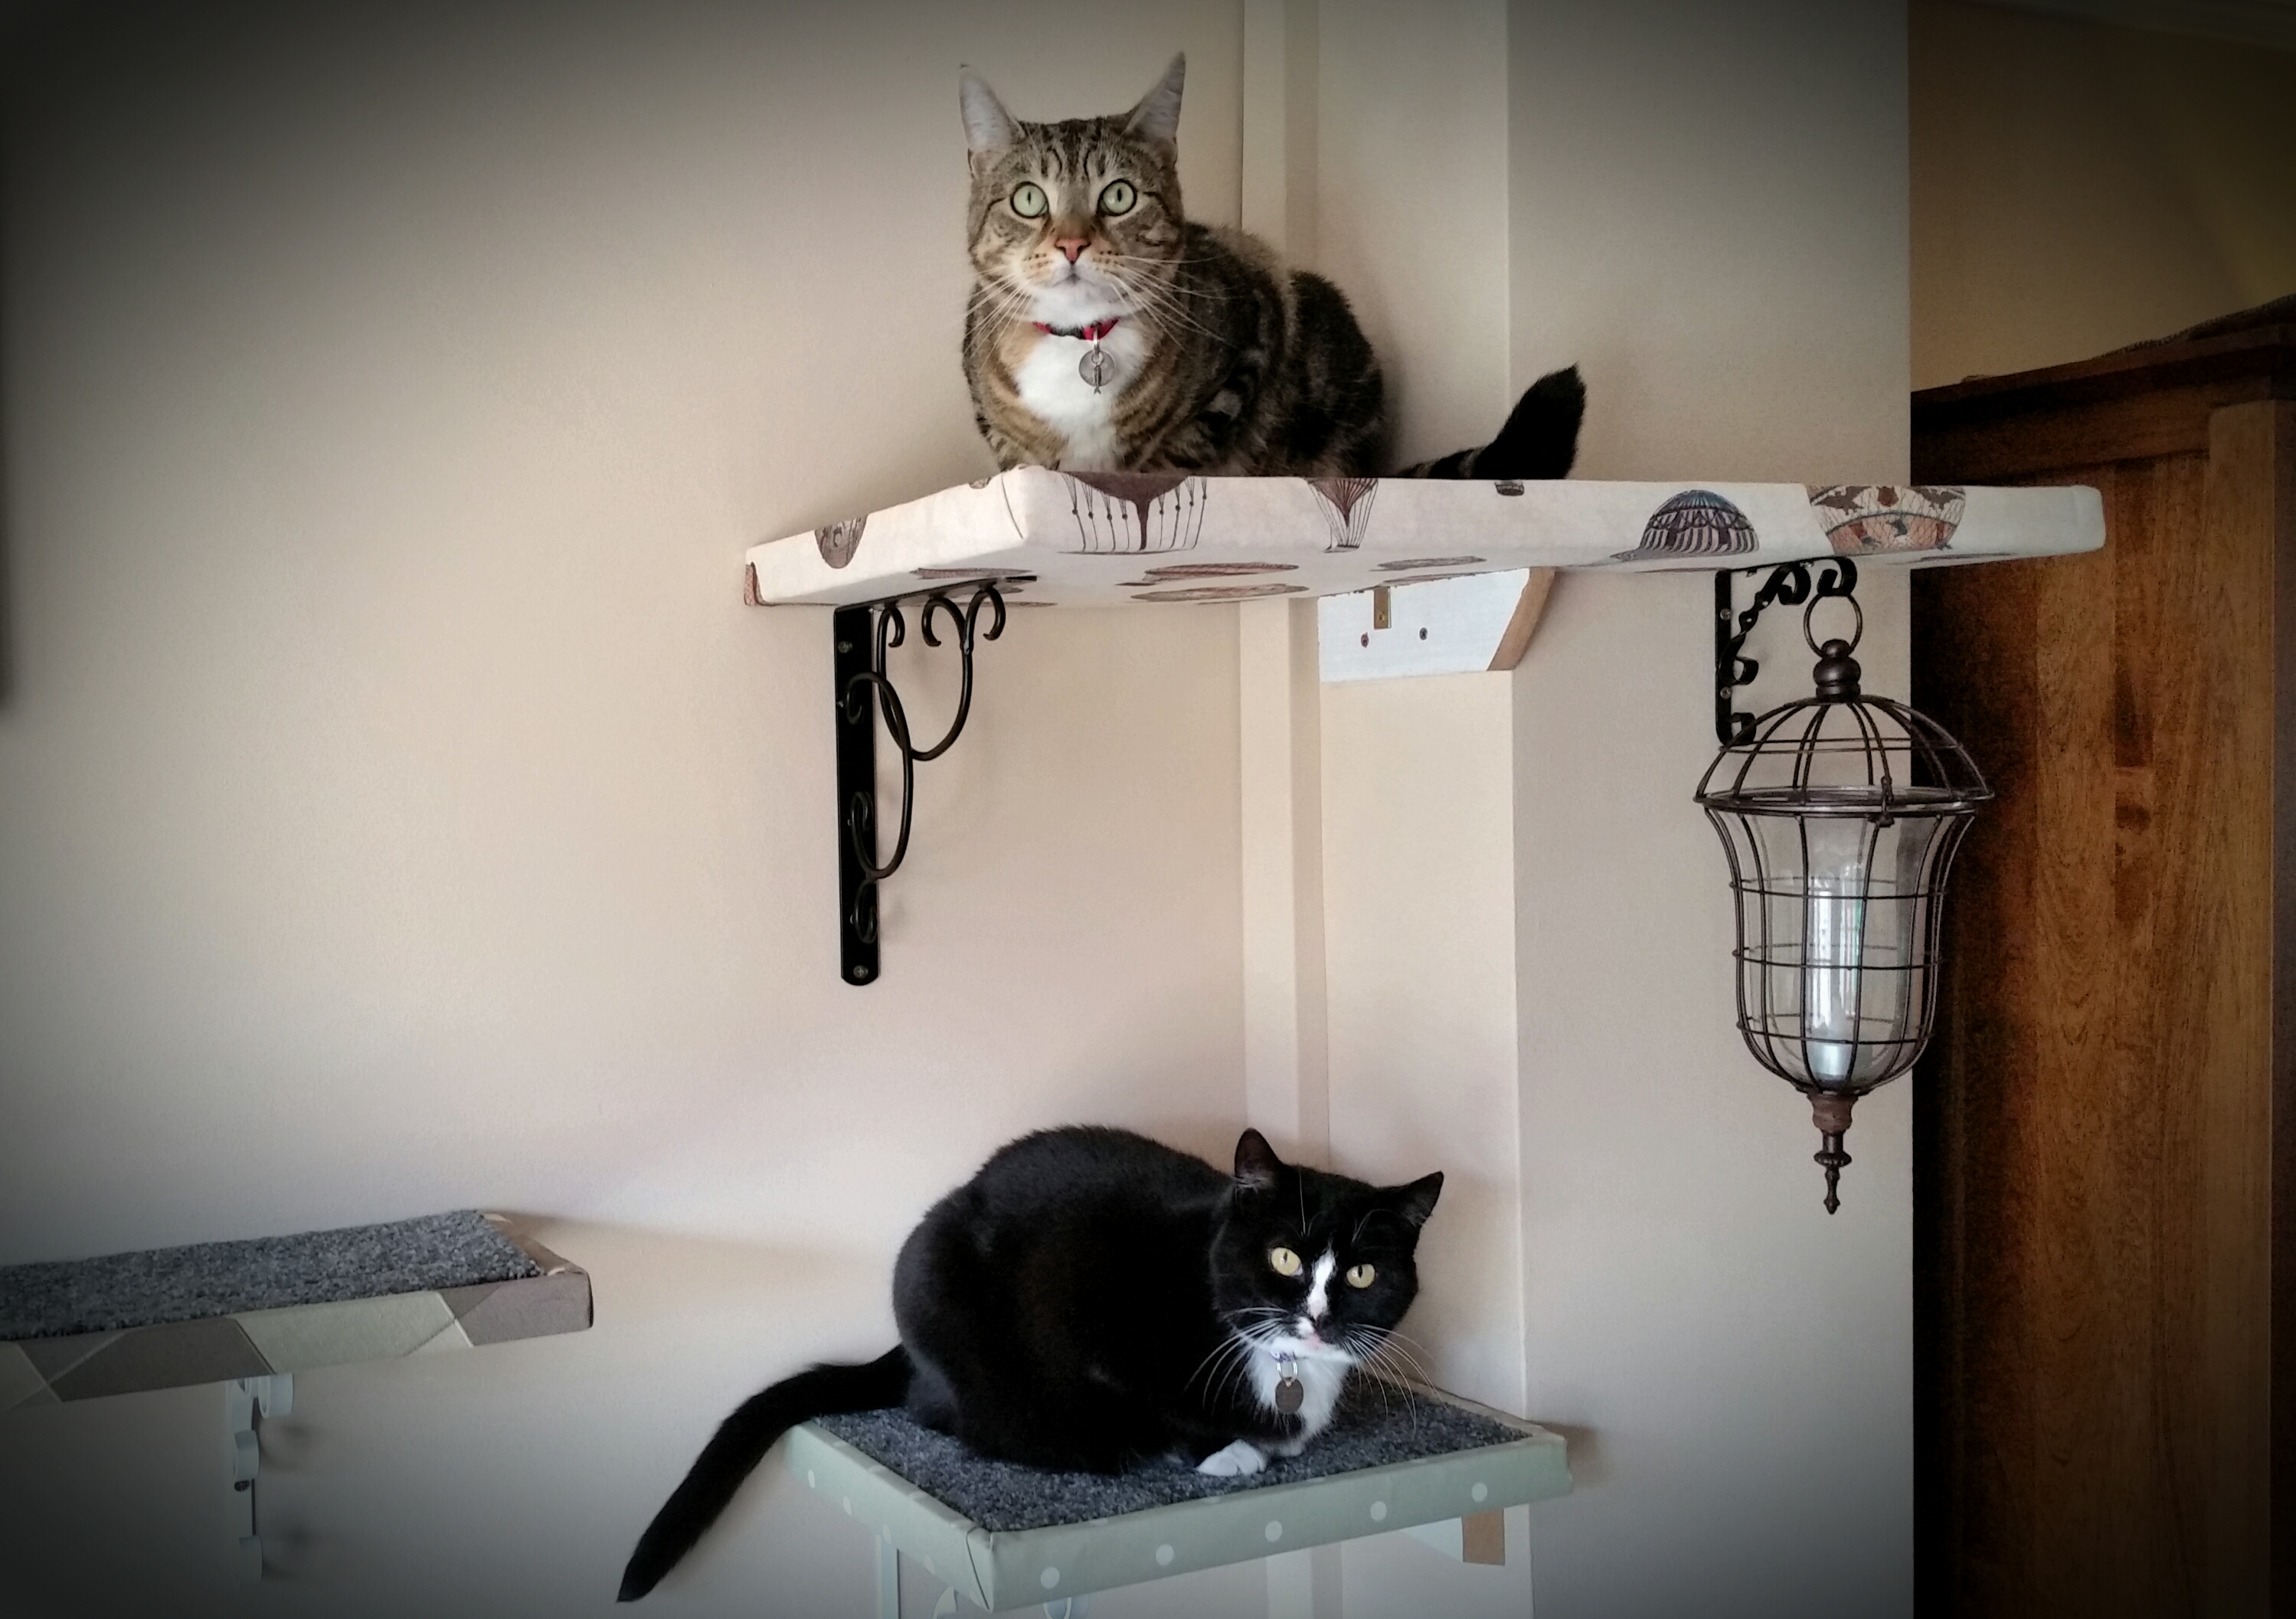 How To Make Homemade Diy Cat Shelves Whitburn Whiskers